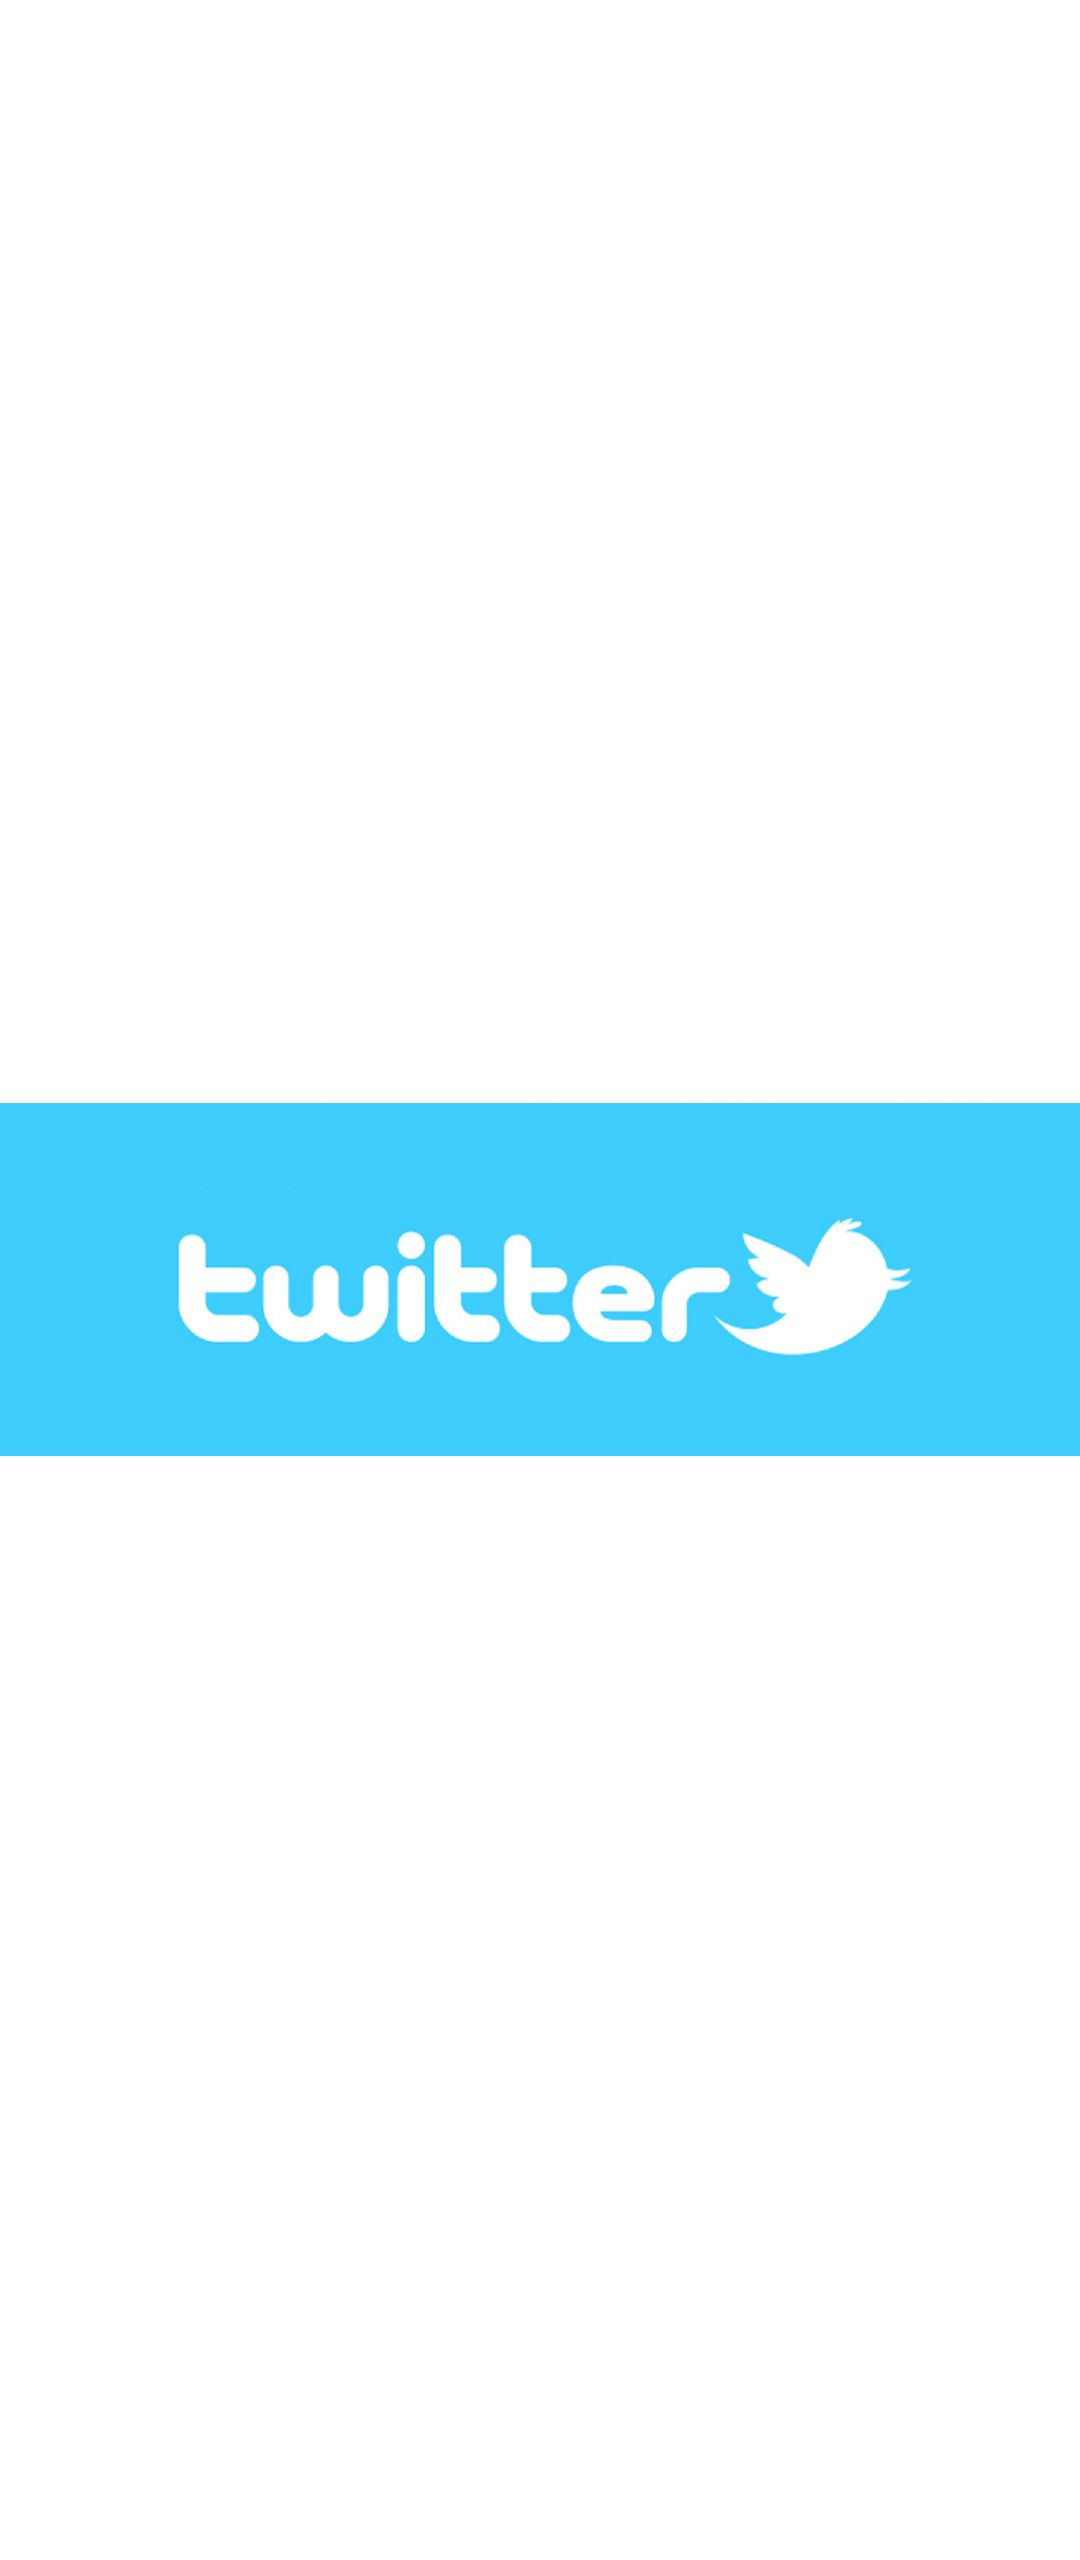 Twitter implementaría nuevo bot de ayuda a sus usuarios